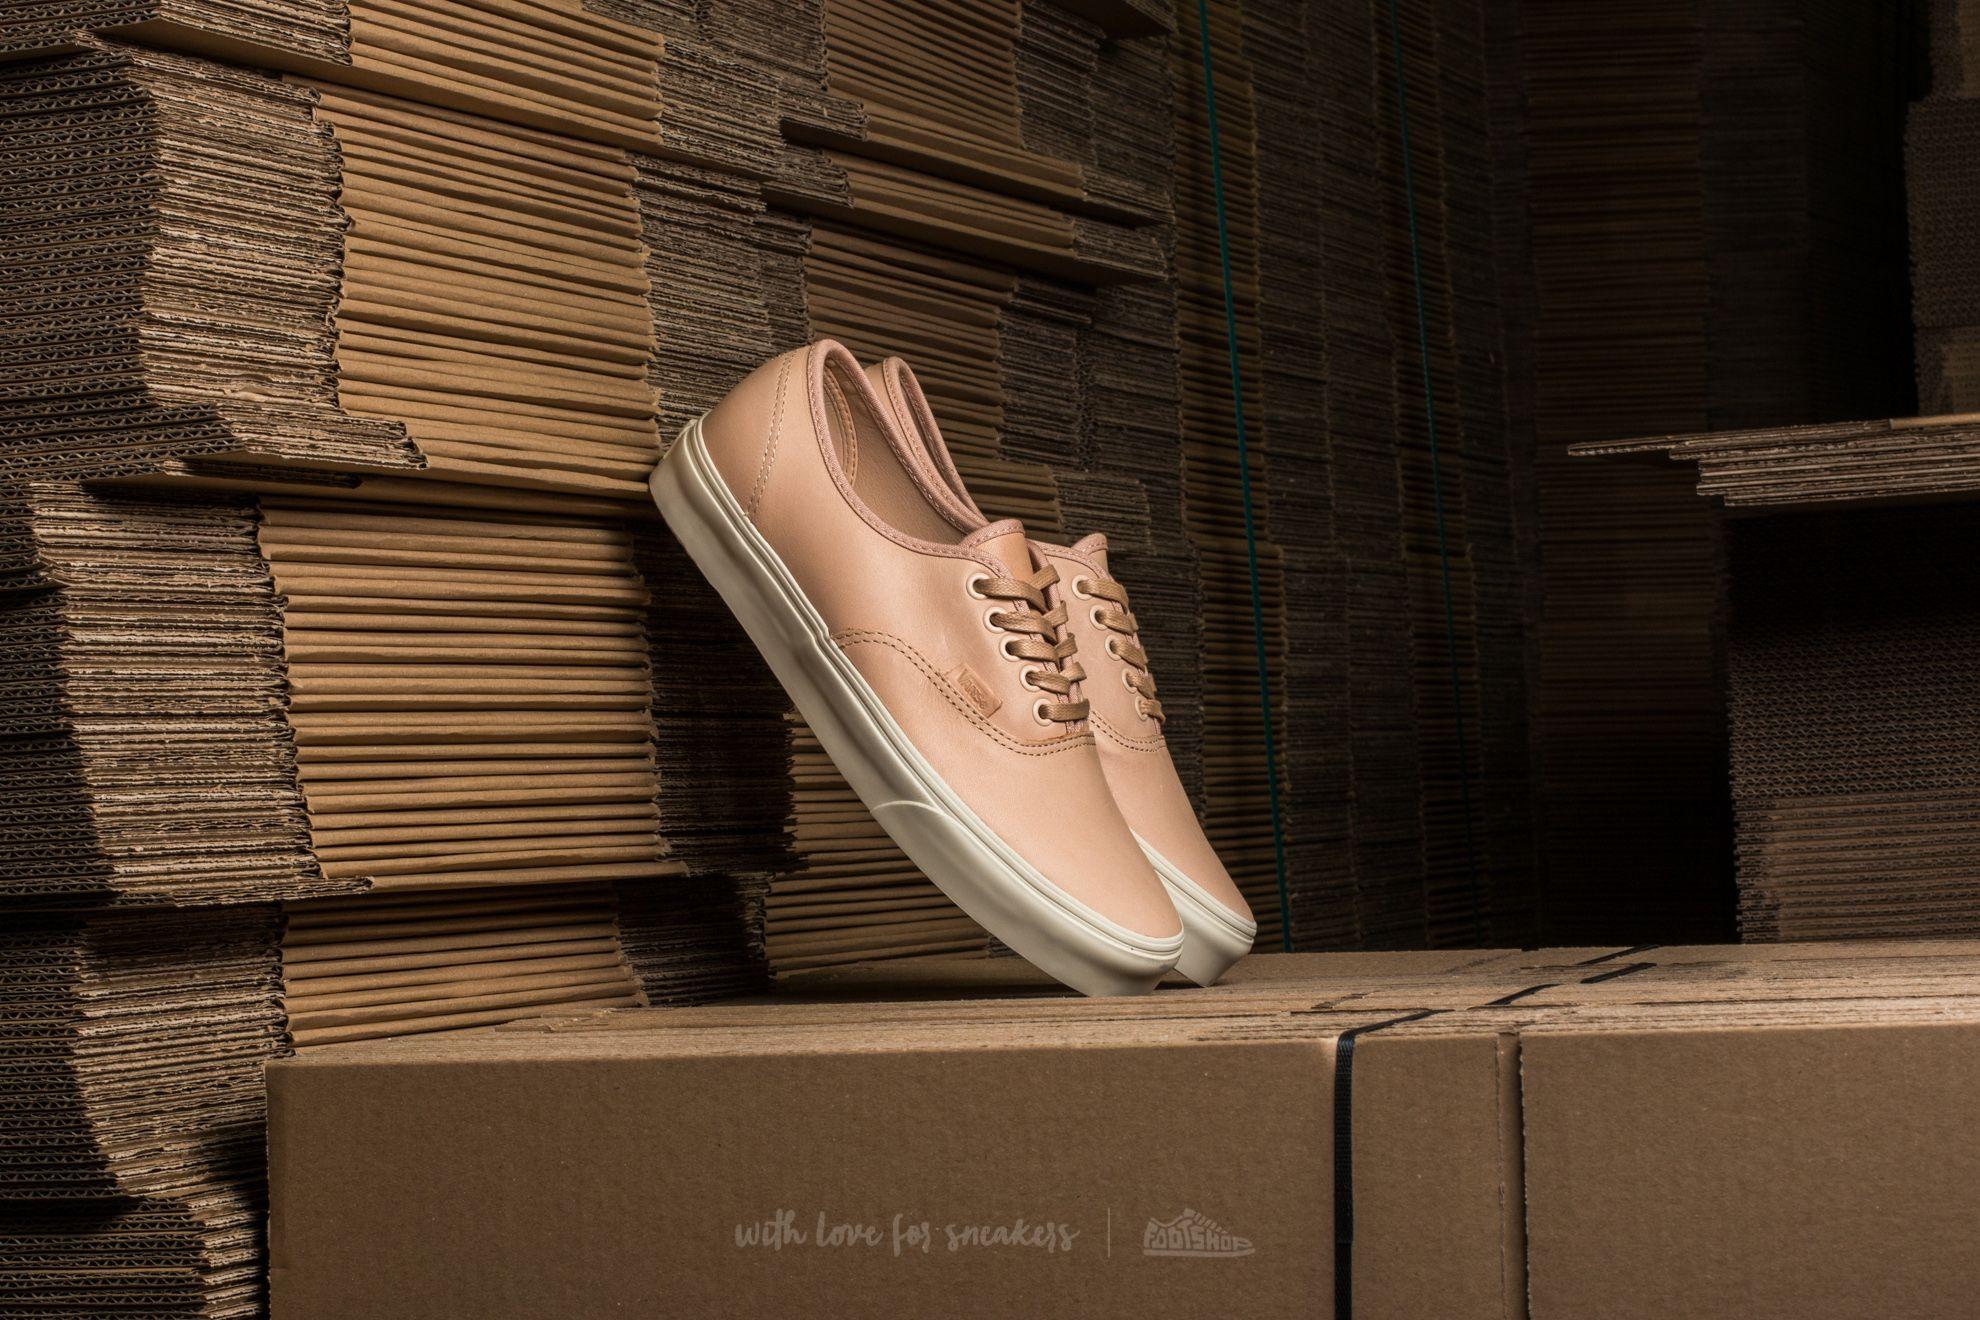 Vans Authentic DX (Veggie Tan Leather) Tan